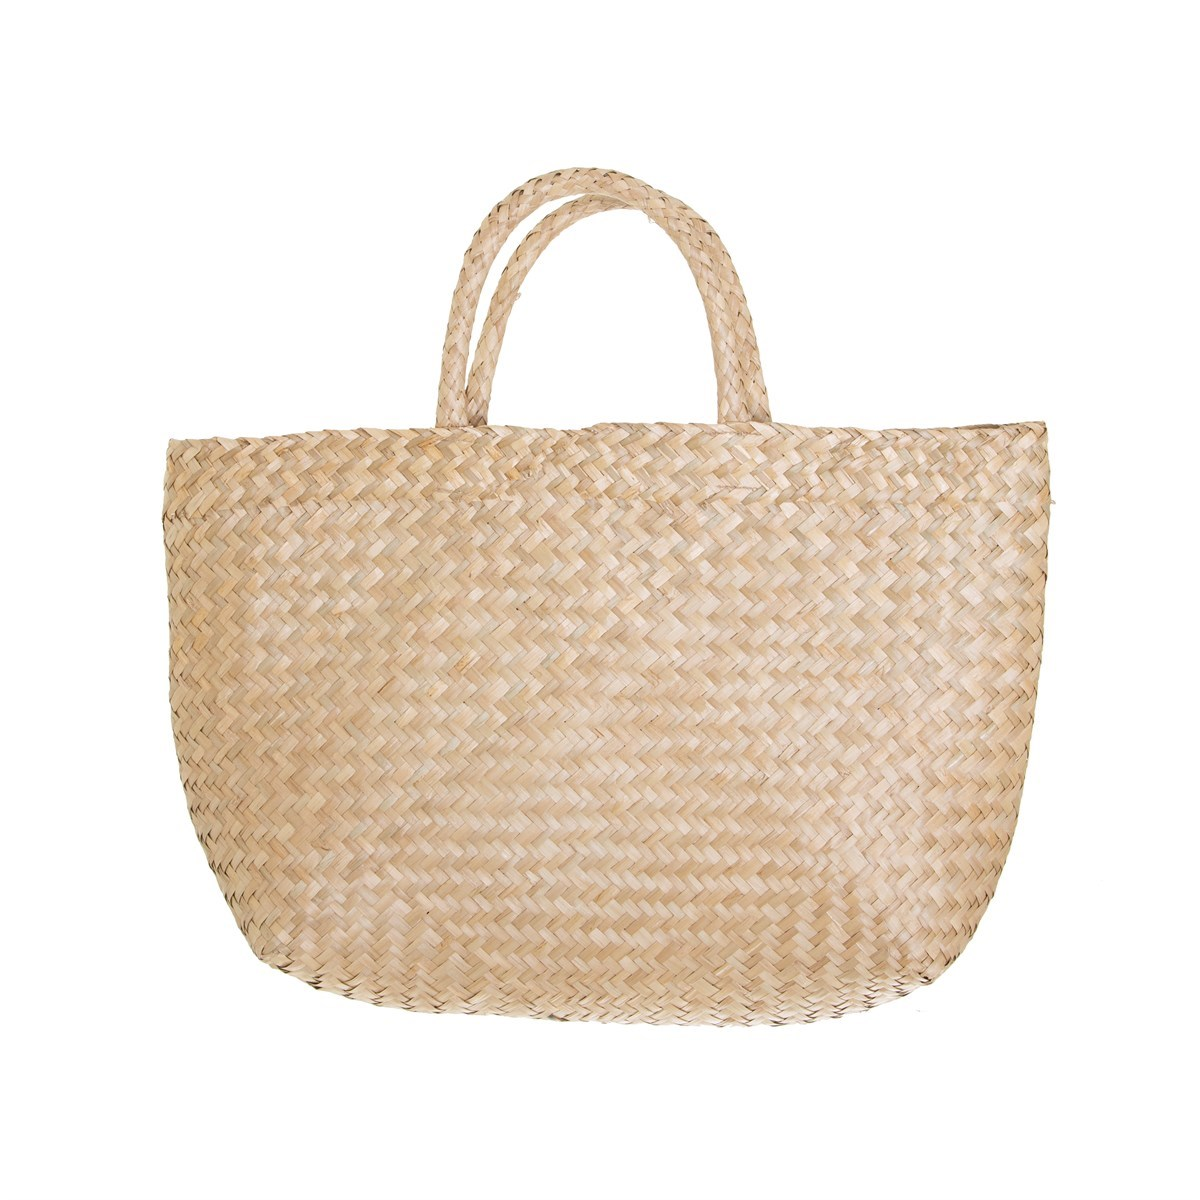 Nákupní košík/ taška Seagrass Happy_0